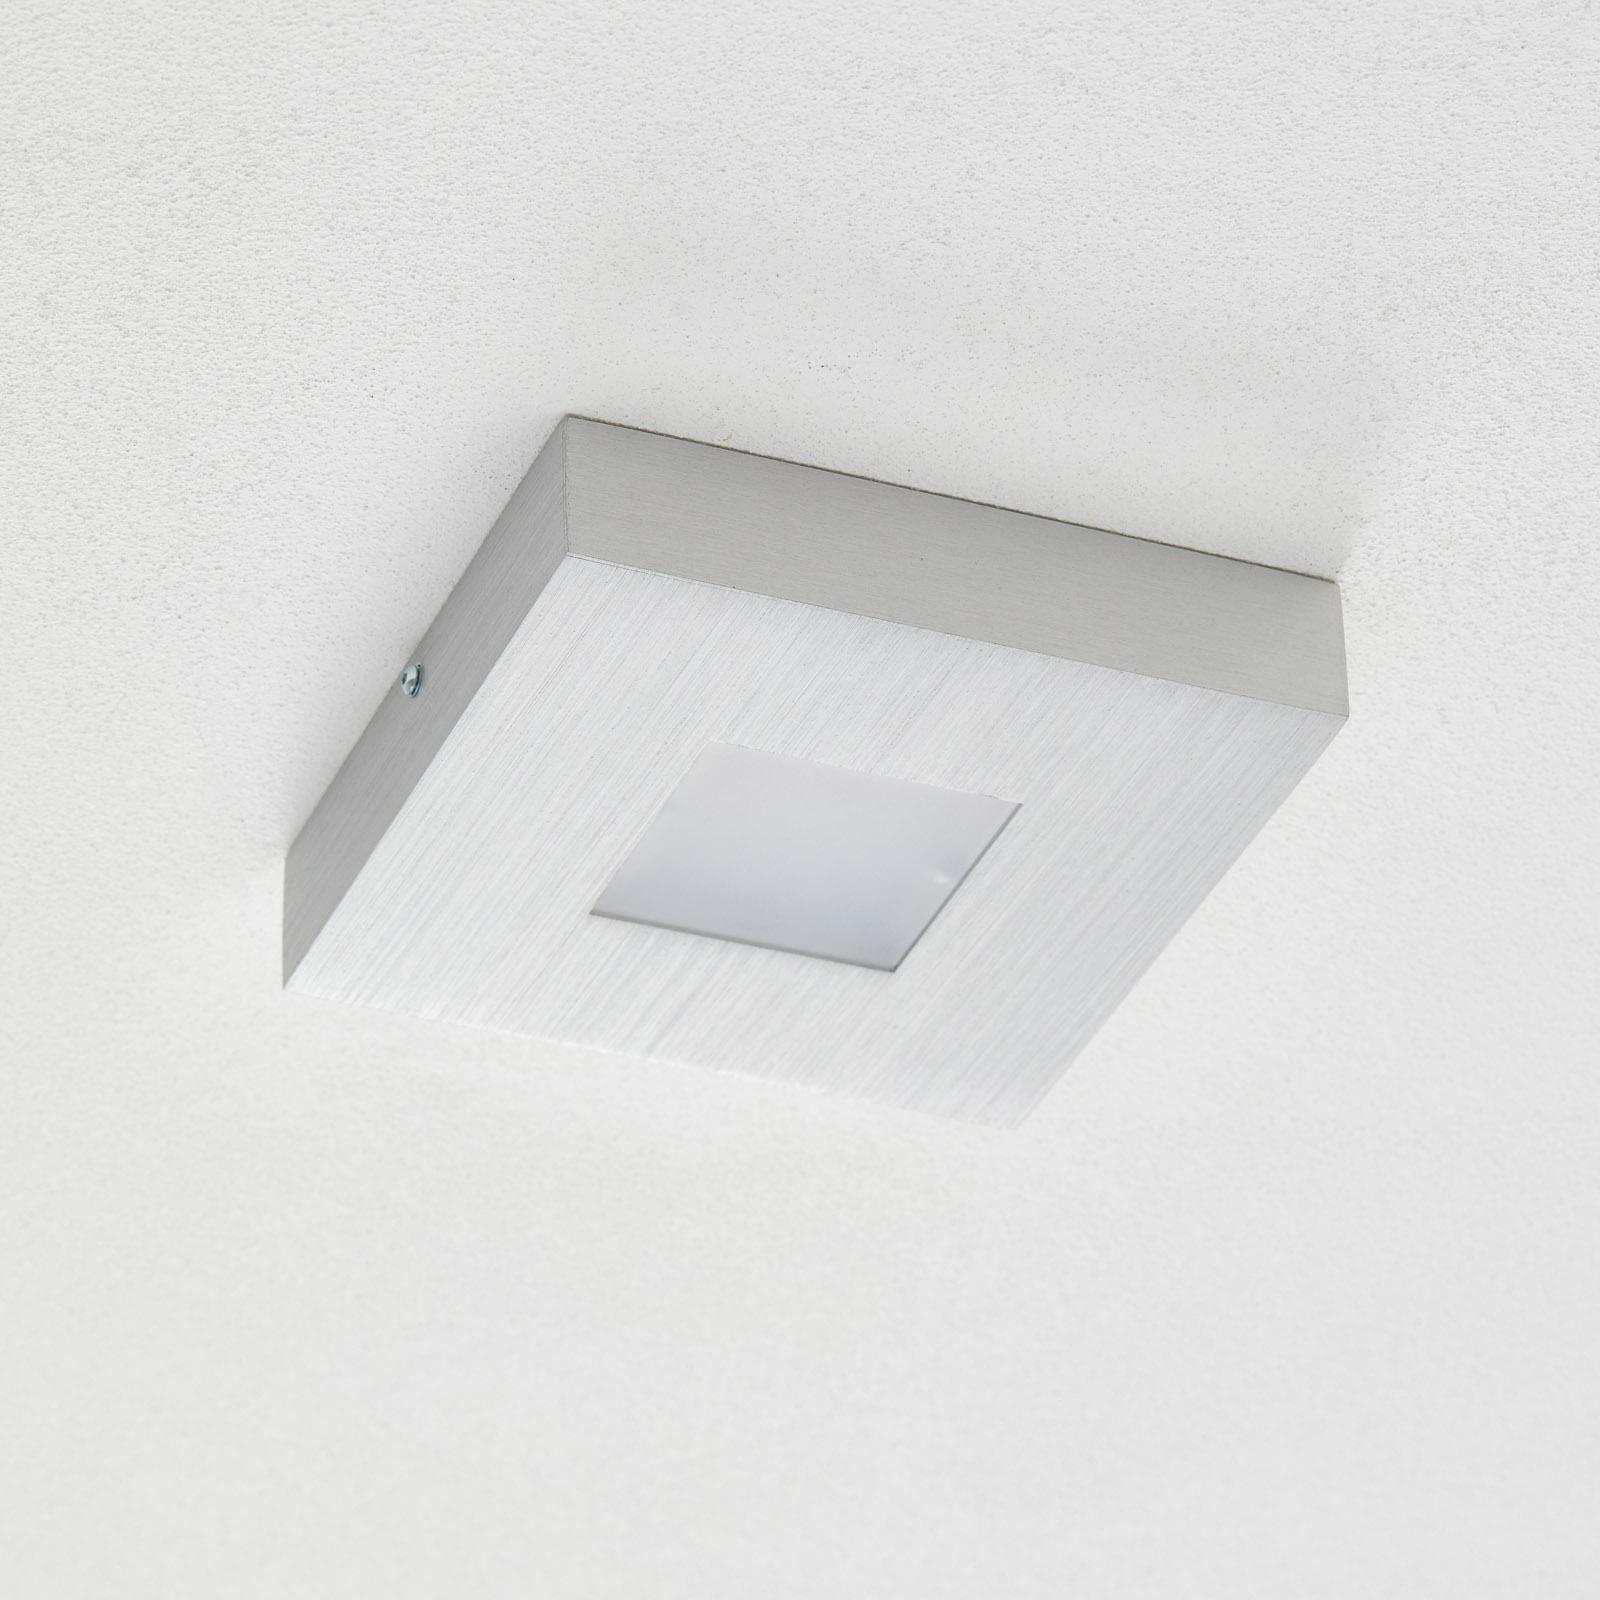 Cubus - plafonnier LED carré à intensité variable